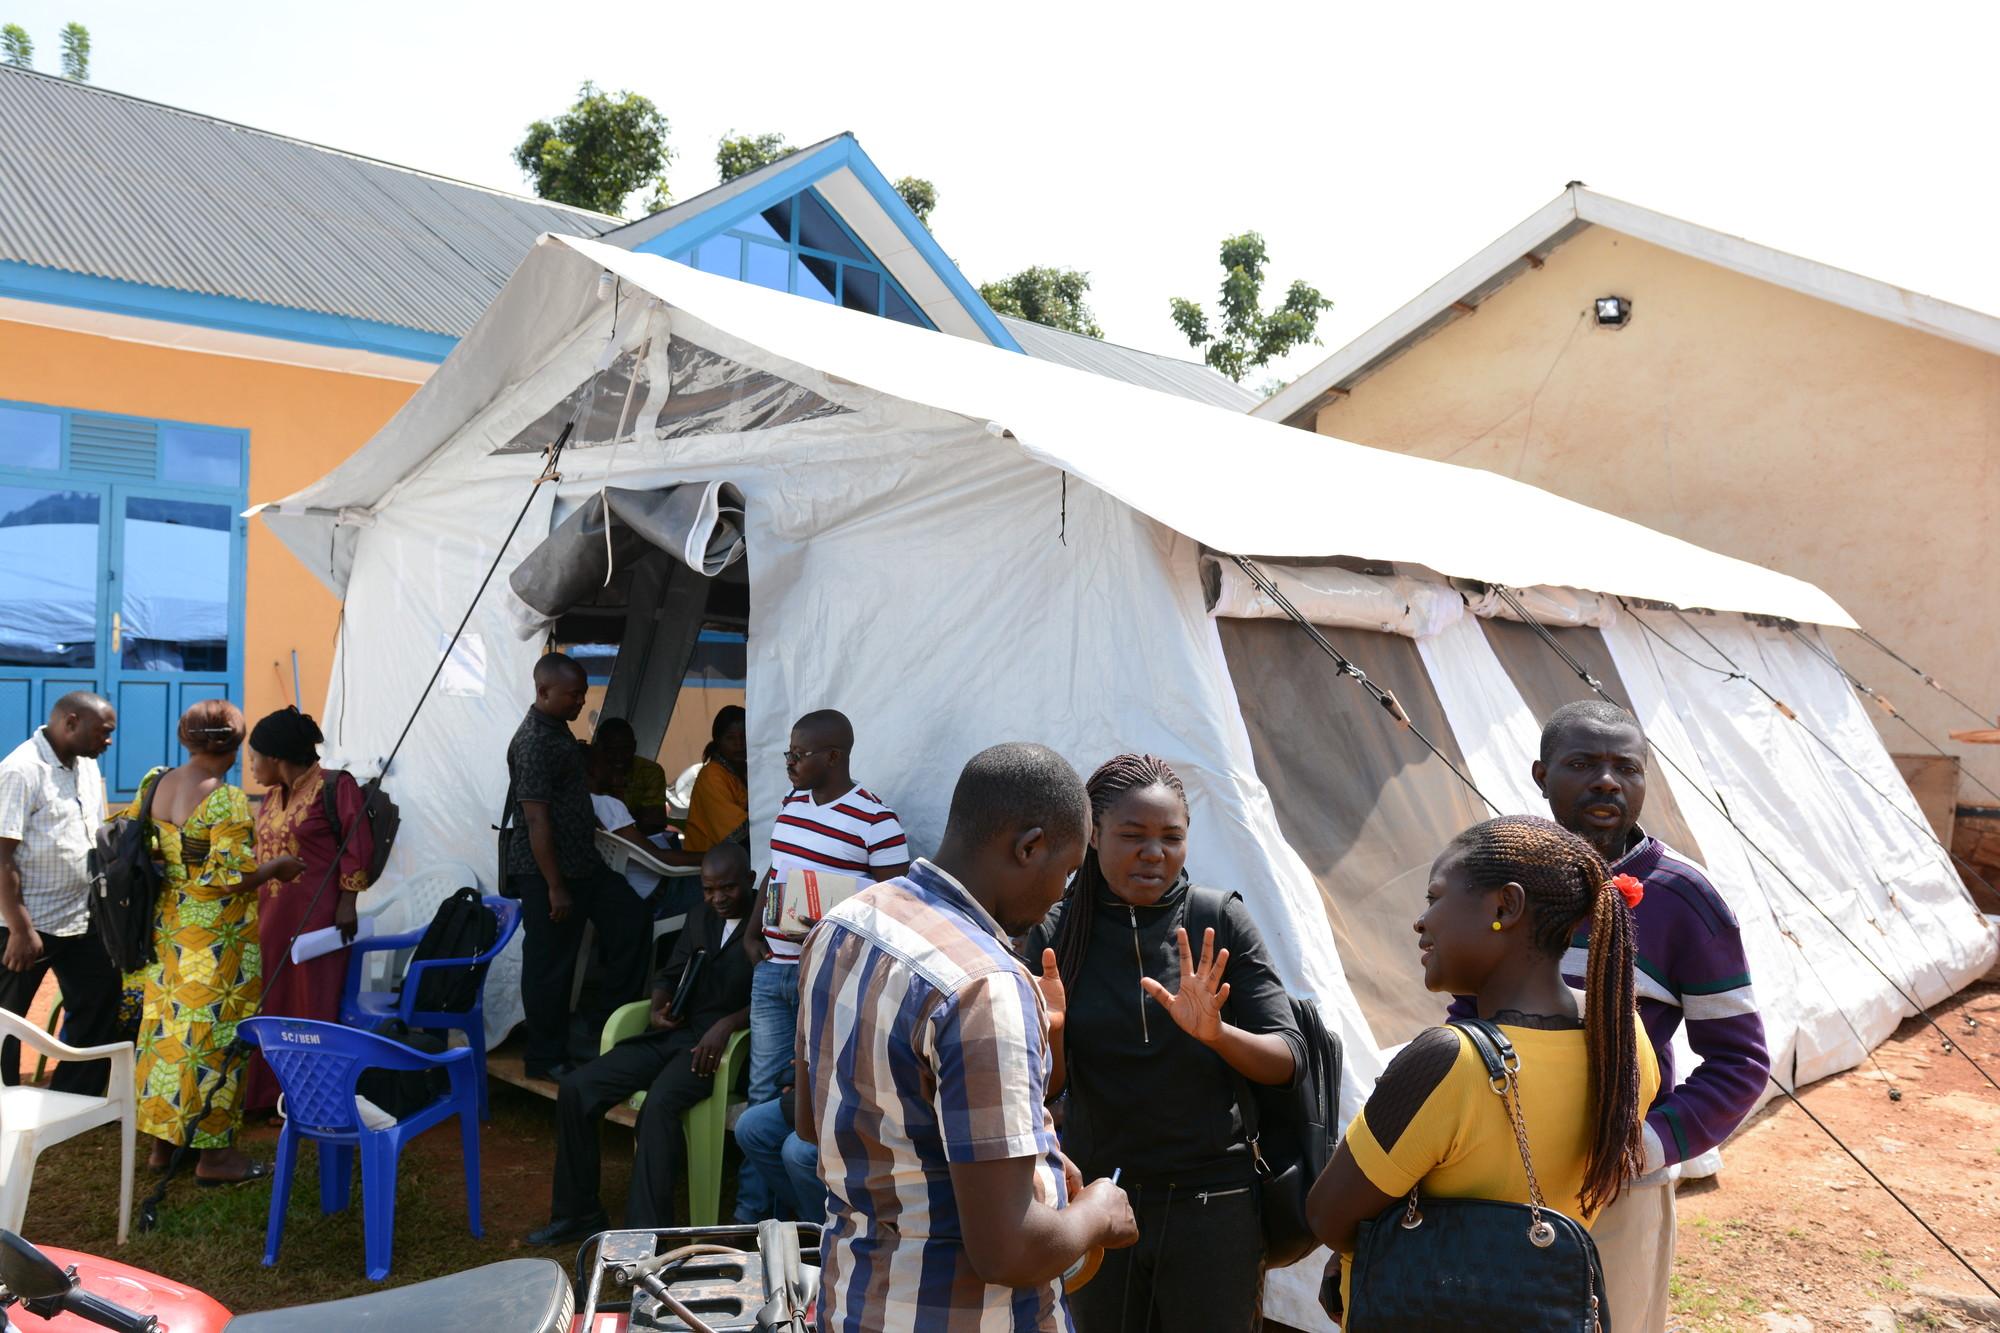 Um grupo de pessoas espera na fila em frente a uma tenda.